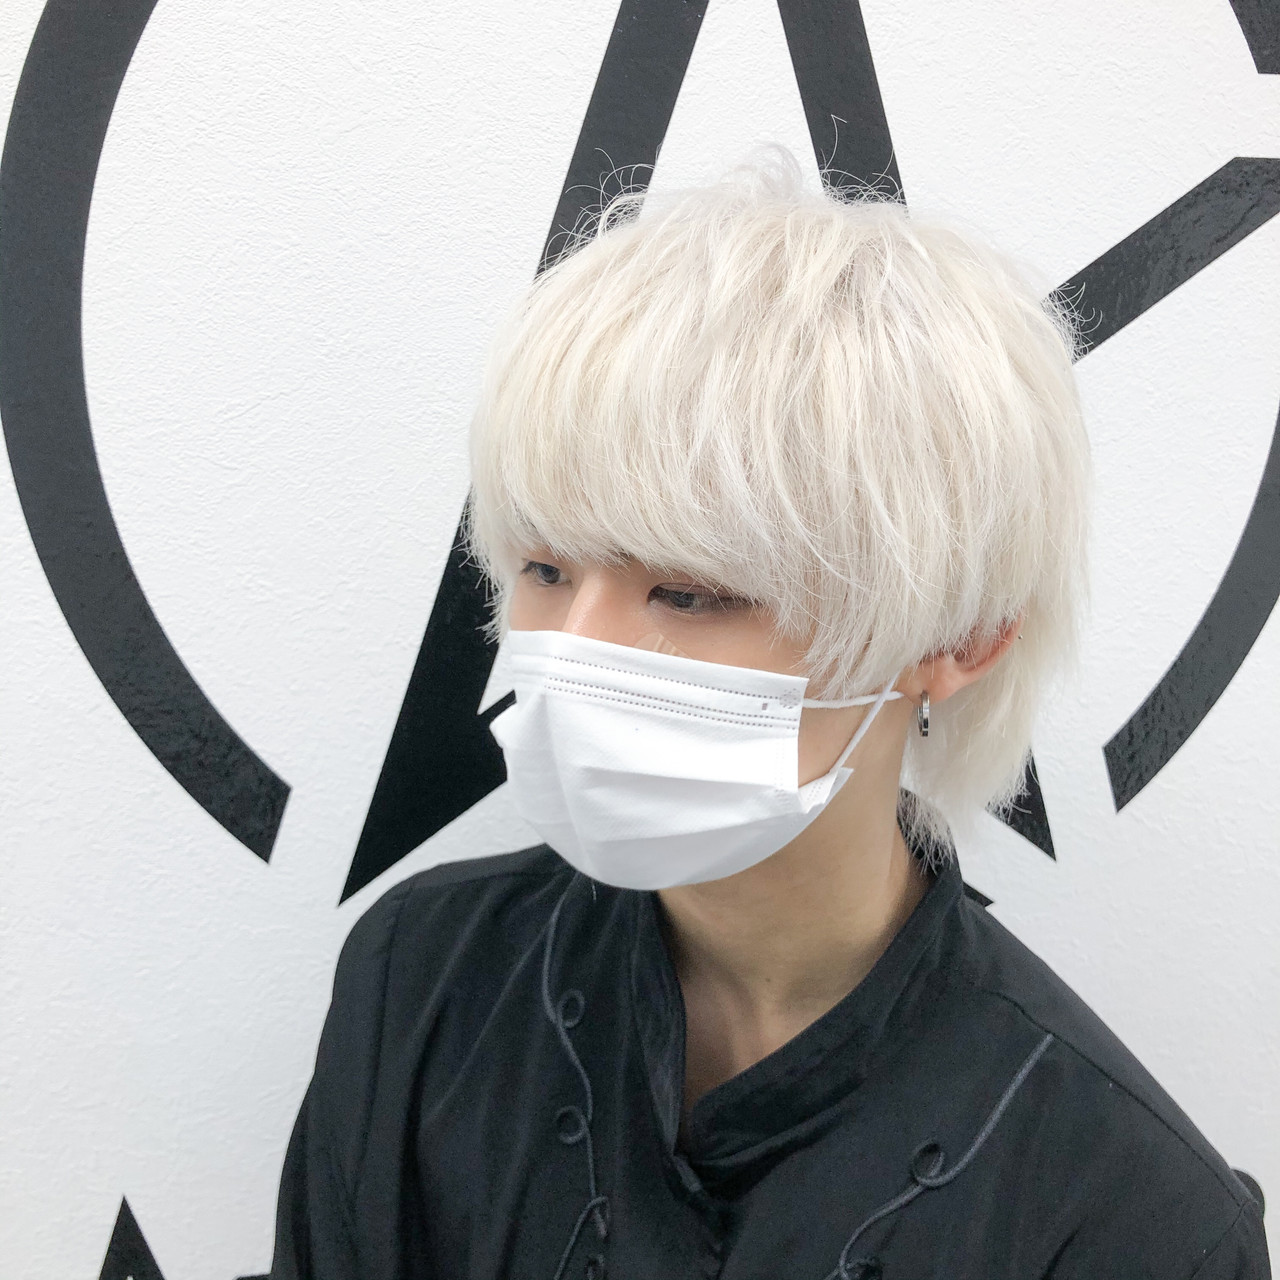 ブリーチオンカラー ブリーチ ホワイトブリーチ モードヘアスタイルや髪型の写真・画像